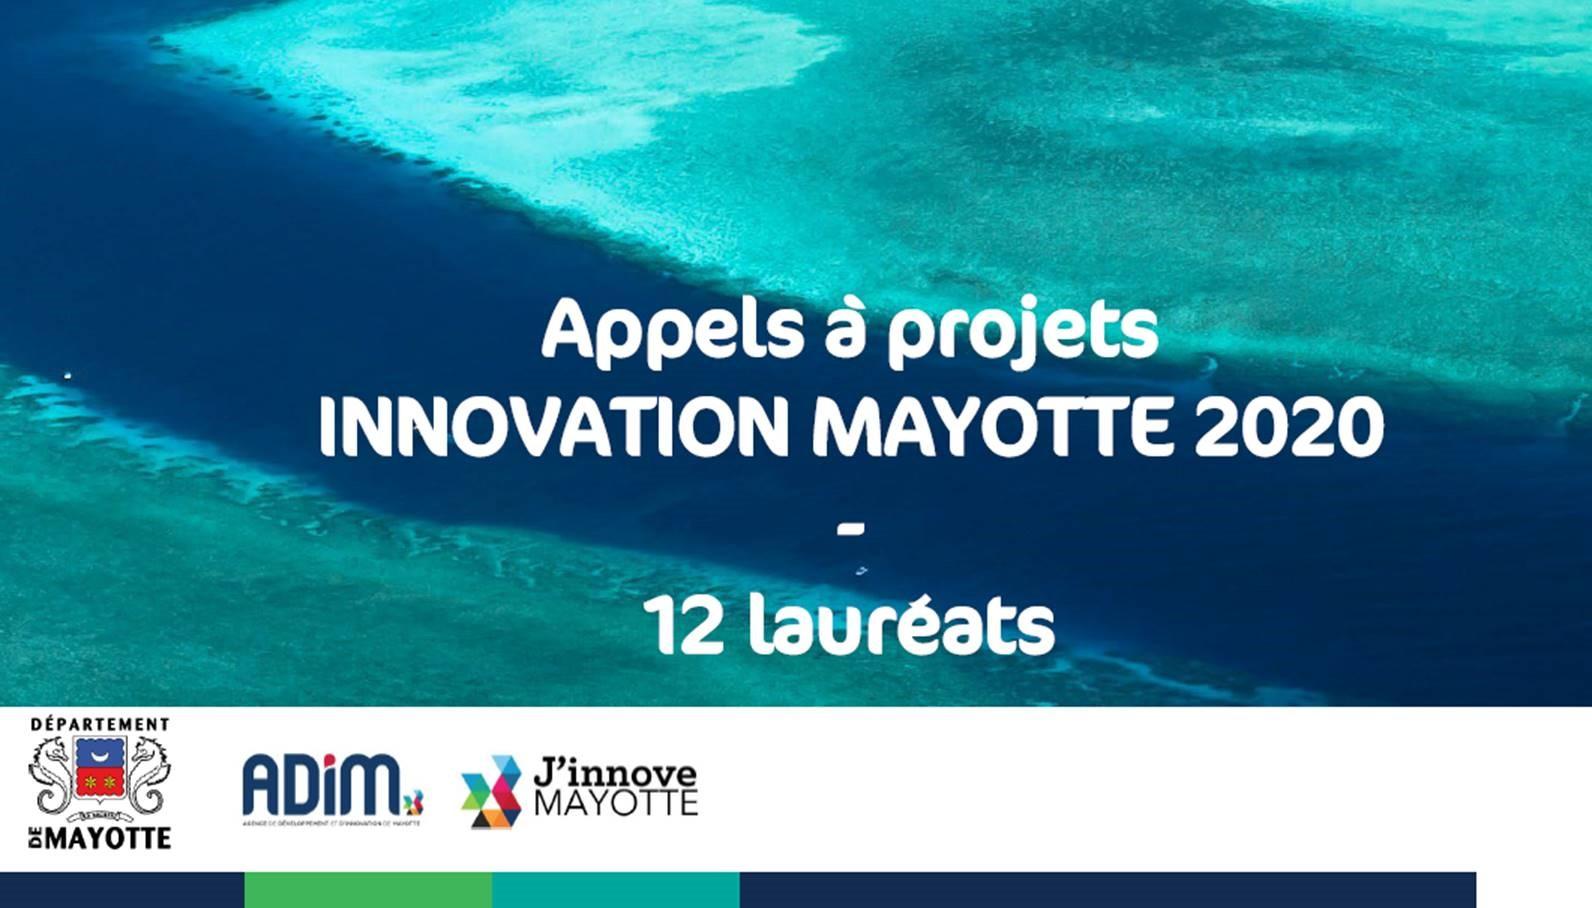 Innovation à Mayotte : 12 lauréats pour l'appel à projets du Département et de l'ADIM